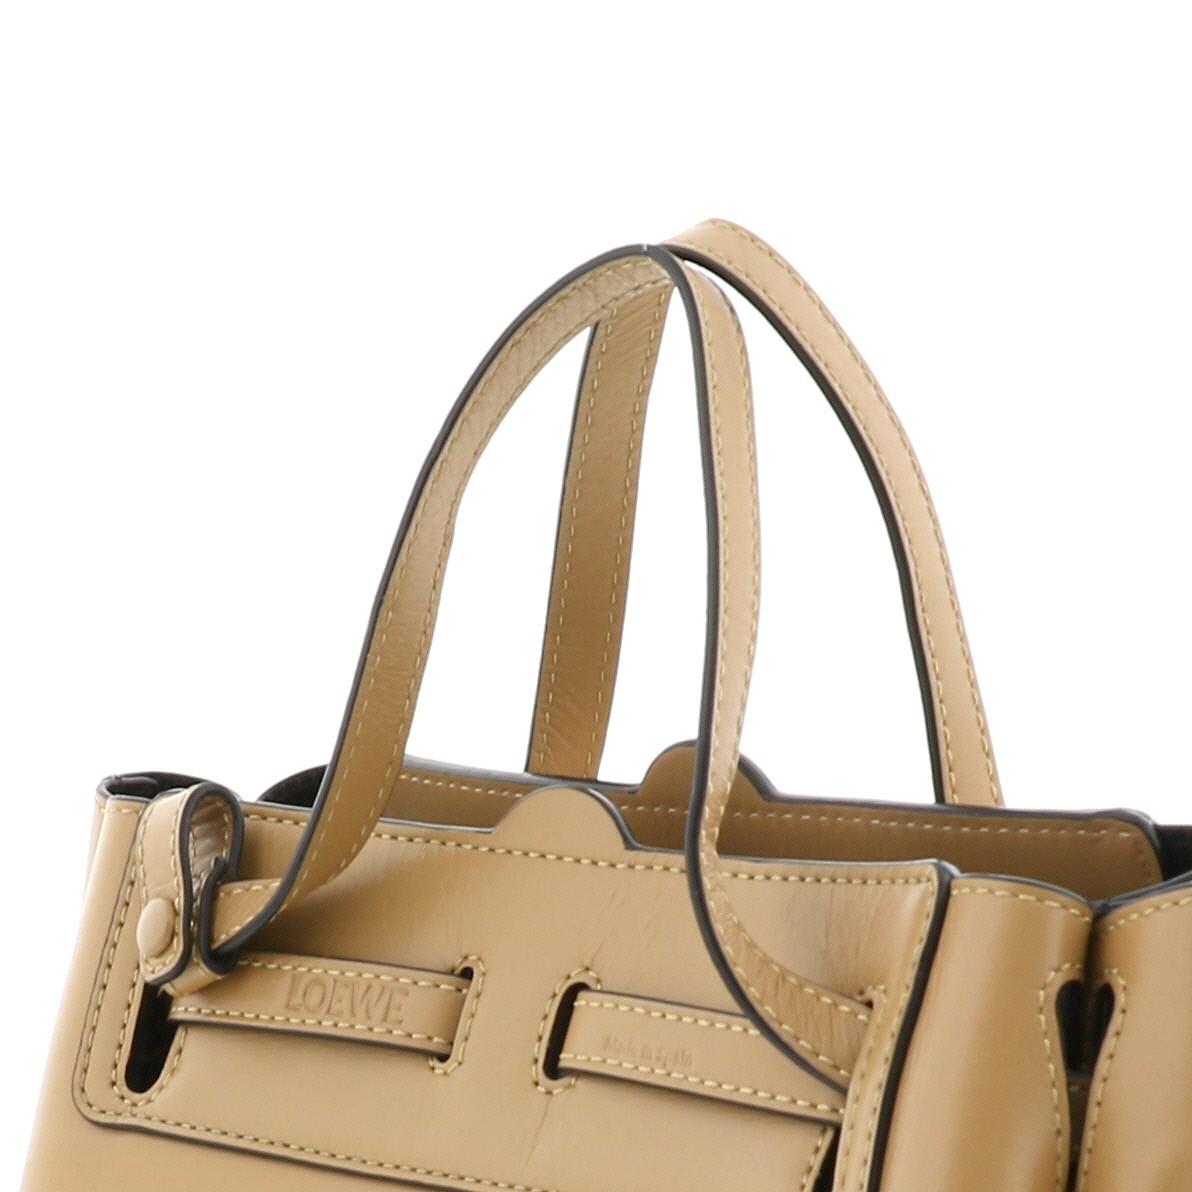 【お値下げ品】【即日発送・水曜定休日・木曜発送】【中古】LOEWE (ロエベ) ラゾ ミニバッグ バッグ ハンドバッグ Lazo Mini Bag Beige/ベージュ 329.74 used:B